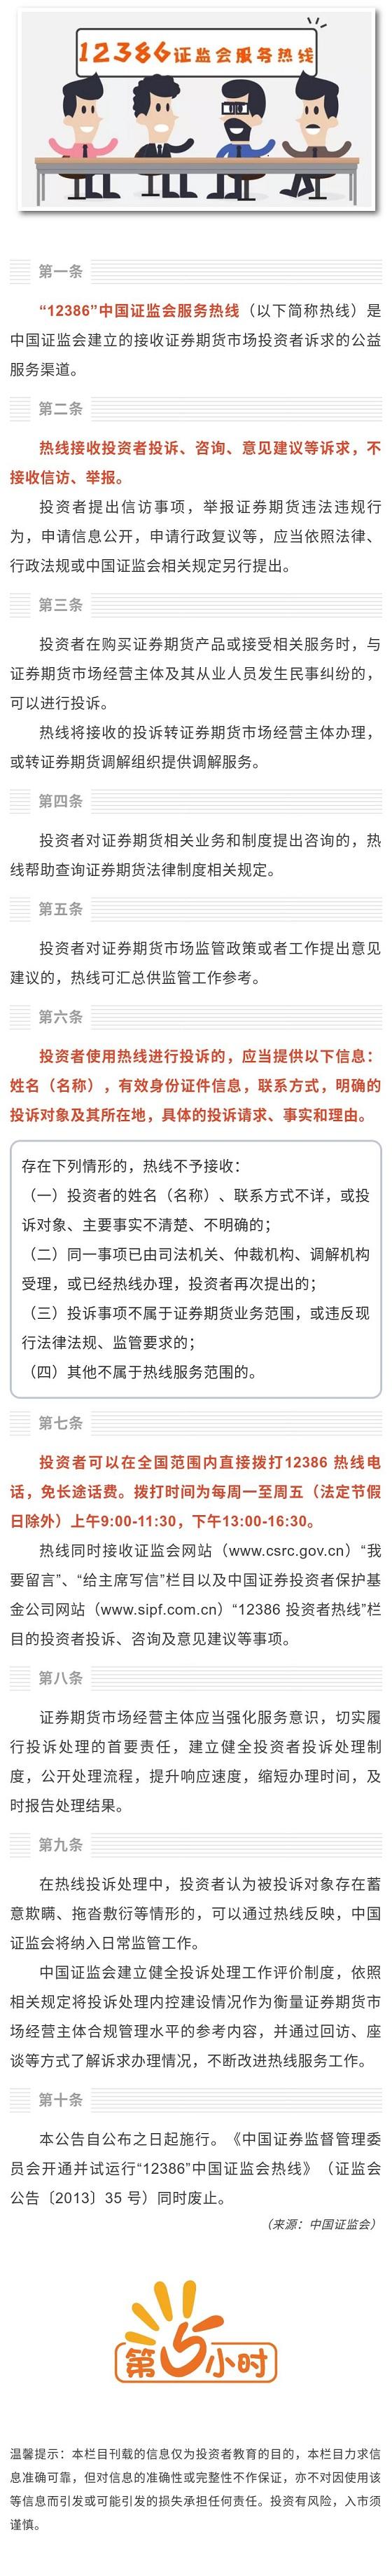 """关于""""12386""""中国证监会服务热线运行有关事项的公告.jpg"""